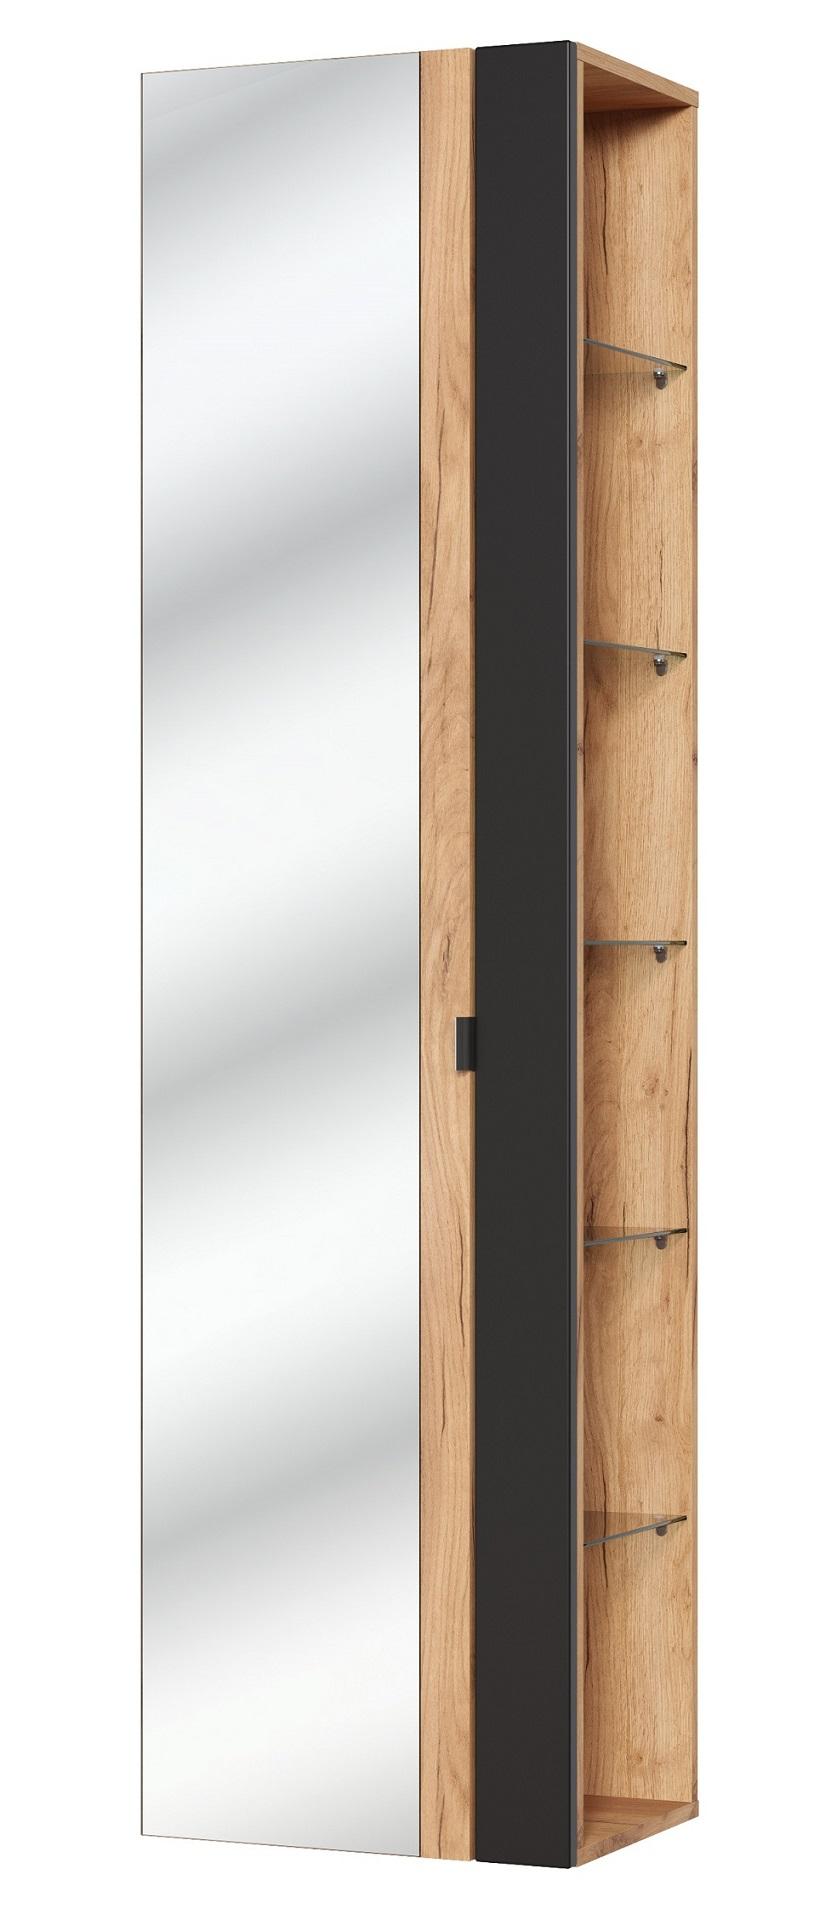 ArtCom Kúpeľňová zostava Capri Cosmos   čierny mat Capri Cosmos   čierny mat: Vysoká skrinka so zrkadlom 803